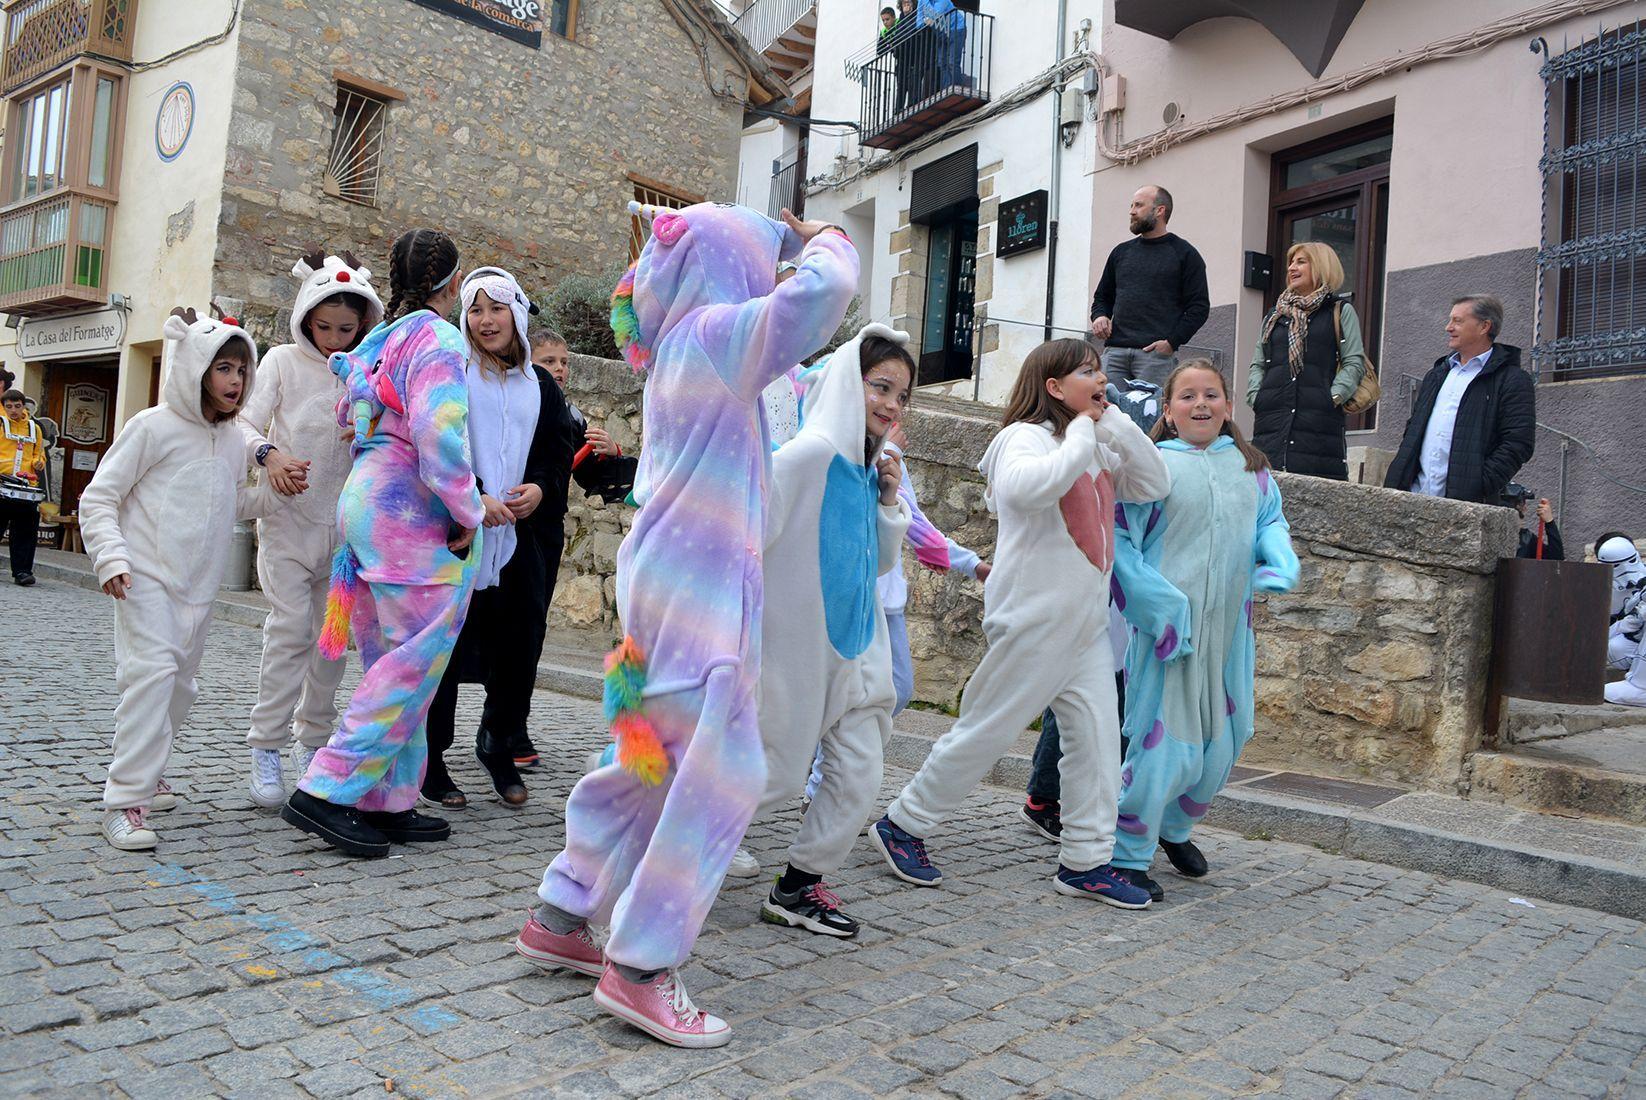 El Carnestoltes concentra més de 2.000 persones pels carrers de Morella